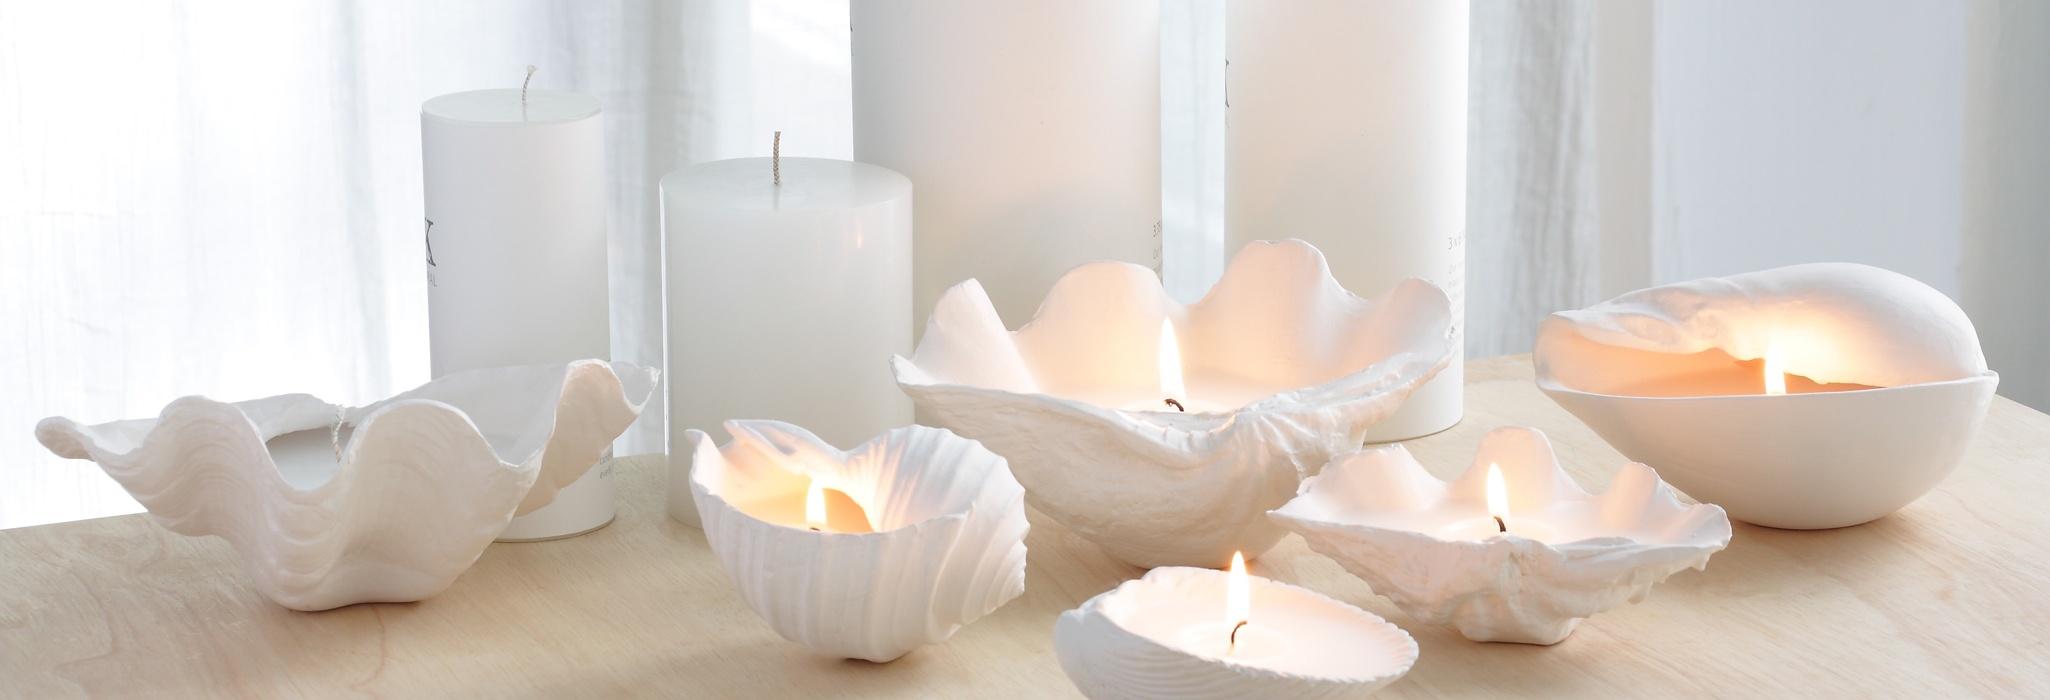 شمع استوانه قطر ٢٥ * ١٠